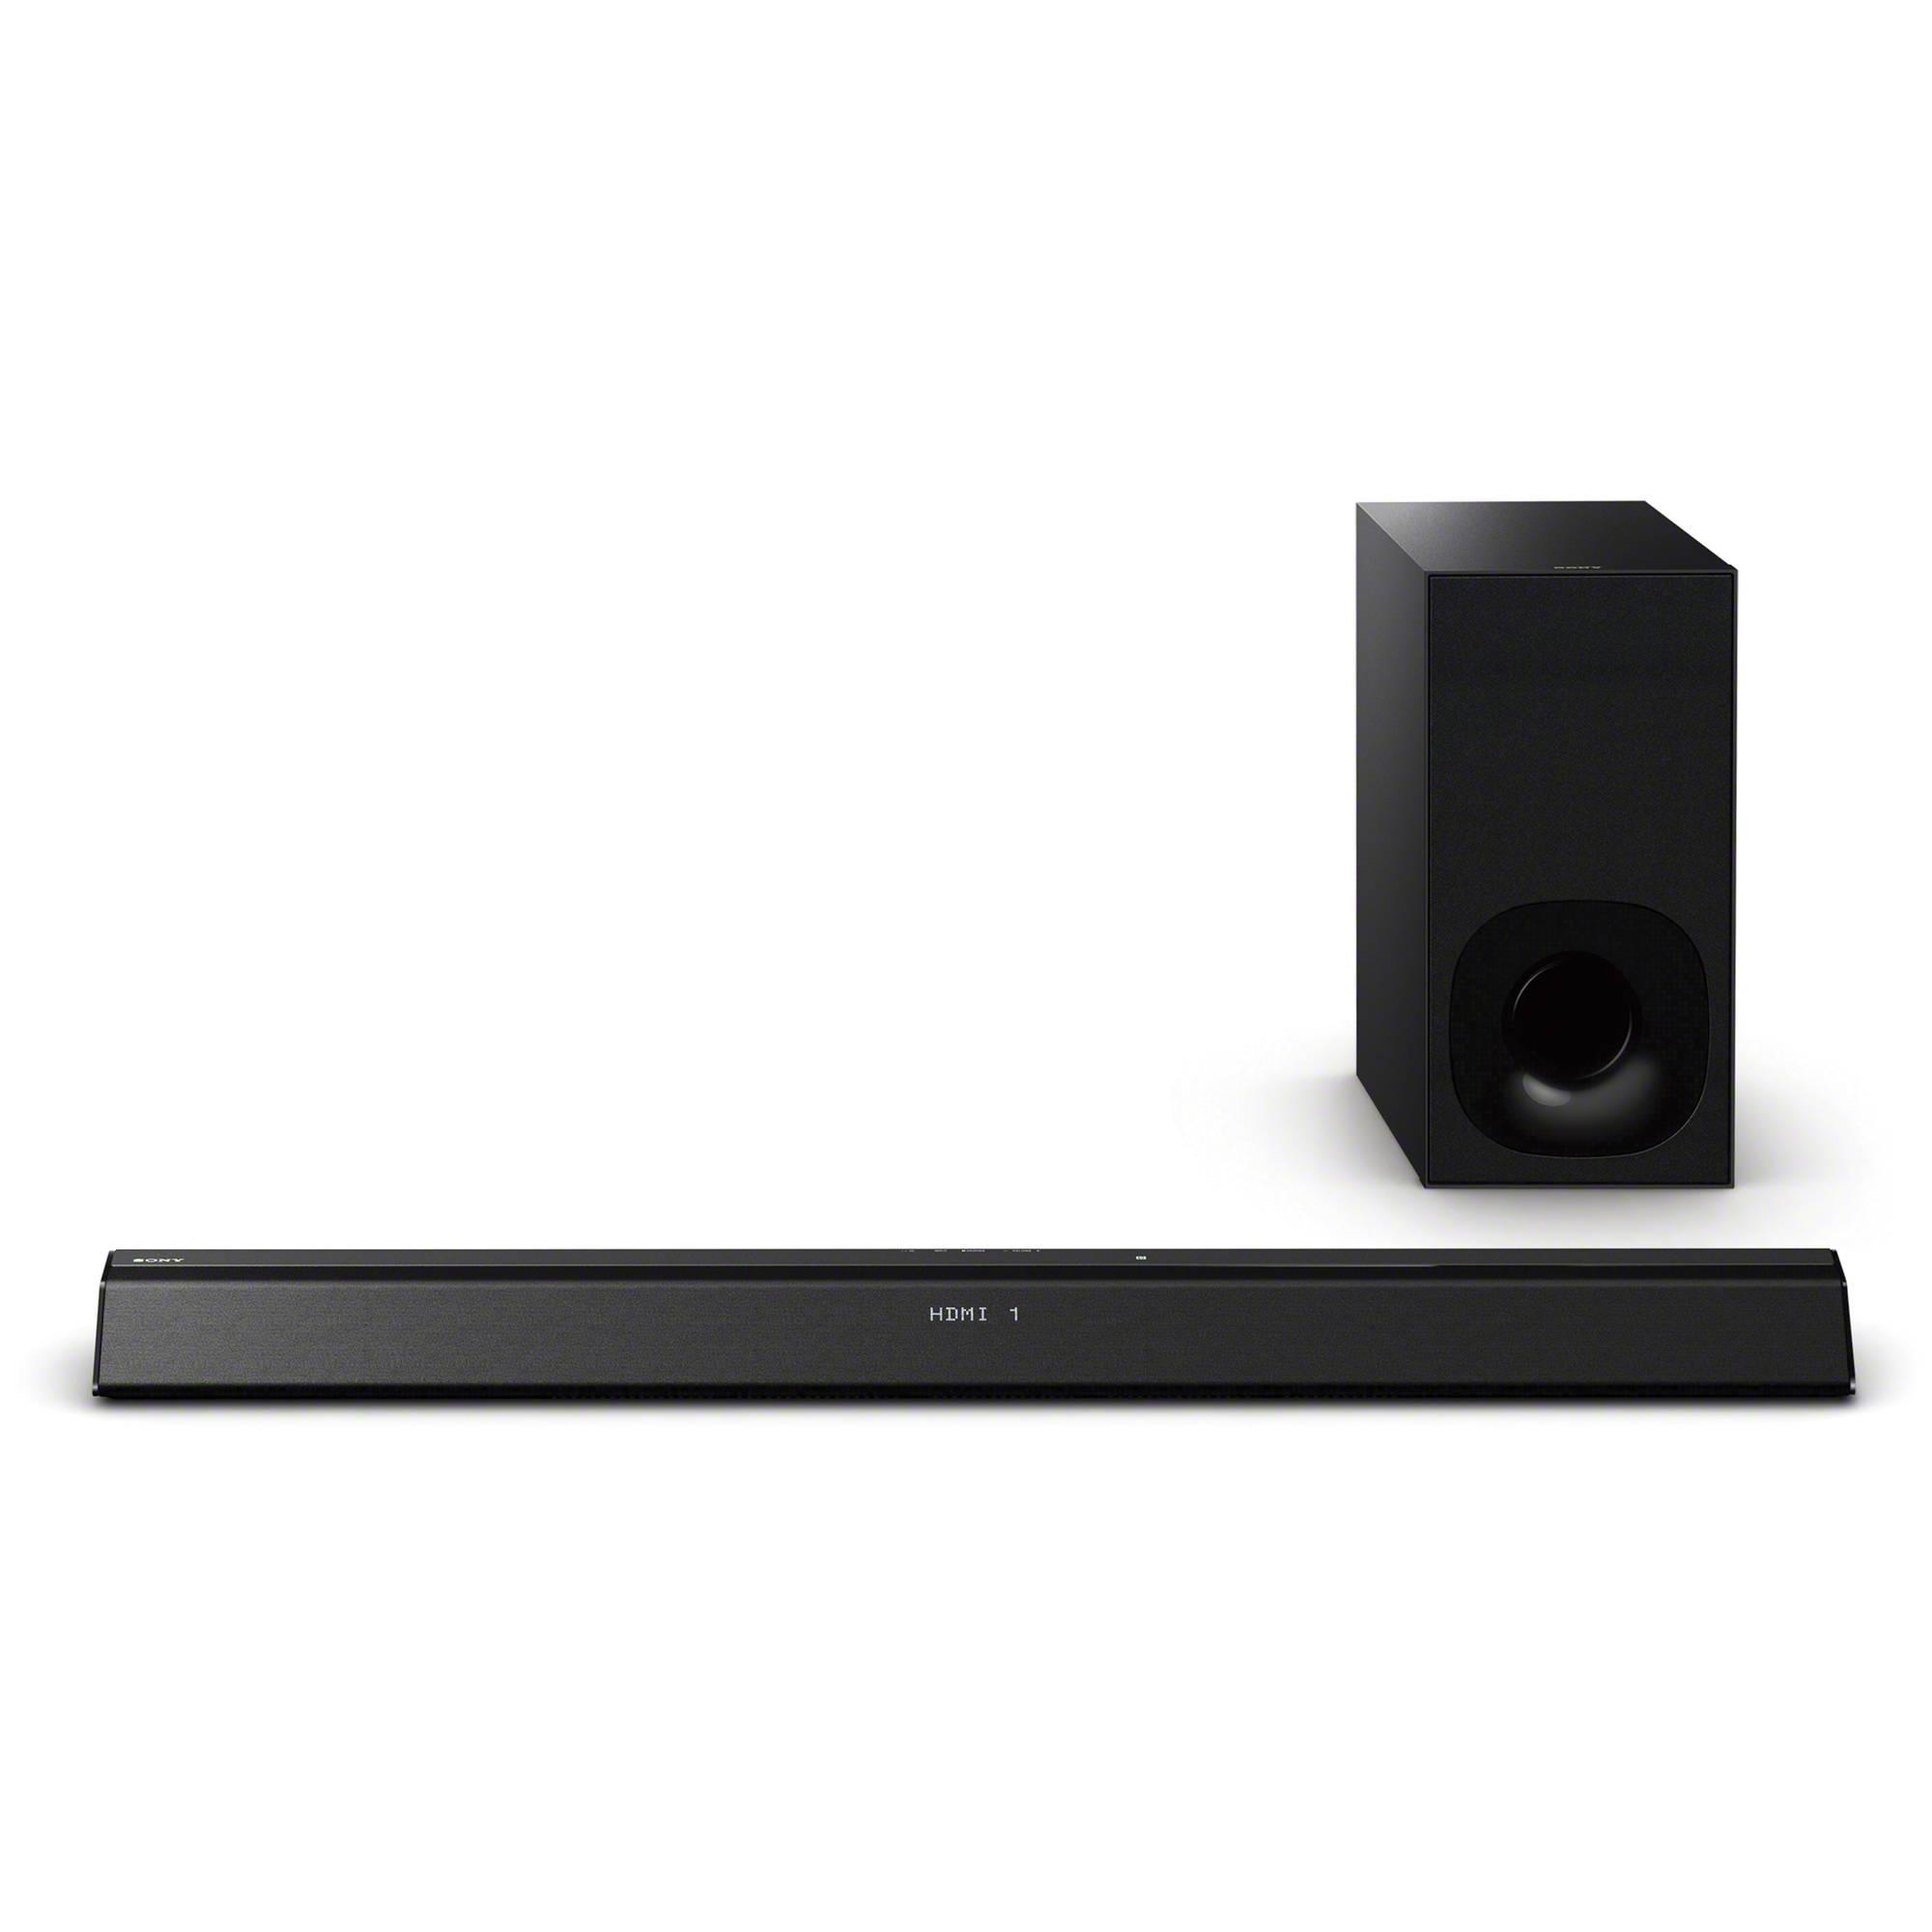 Sony Ht Ct380 300w 2 1 Channel Soundbar With Wireless Subwoofer